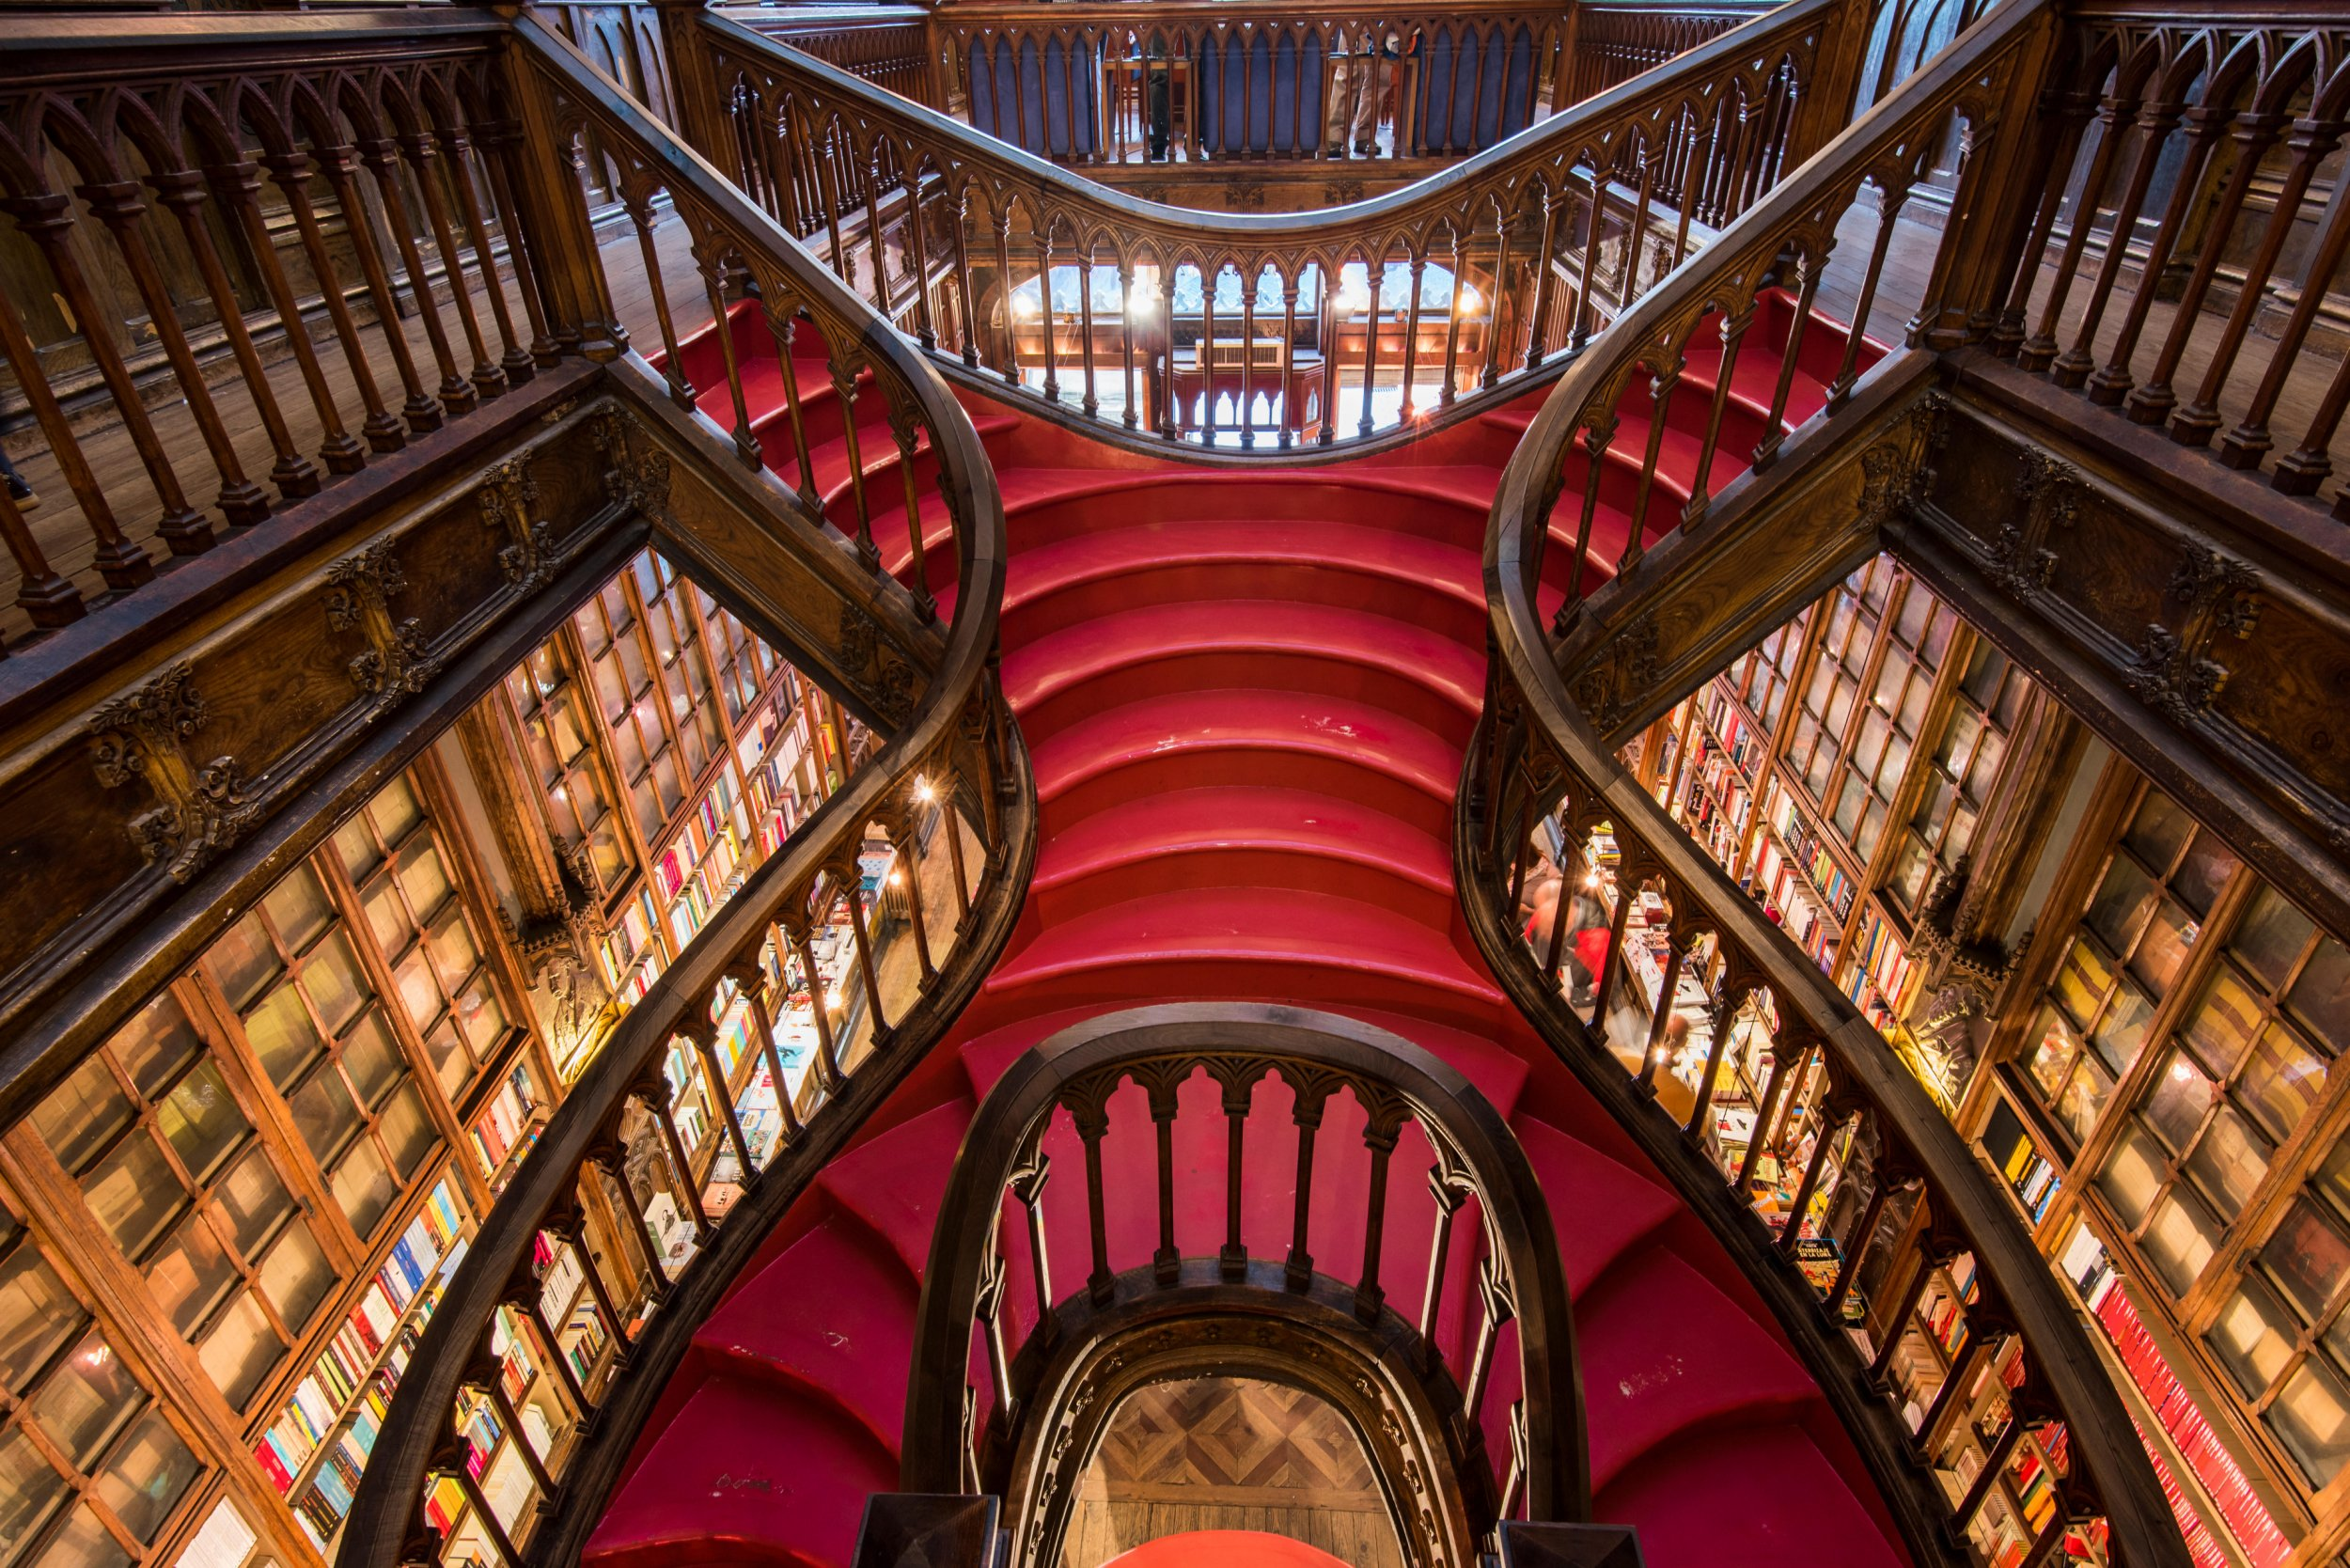 FWB90F Livraria Lello & Irmao bookstore, Porto, Portugal